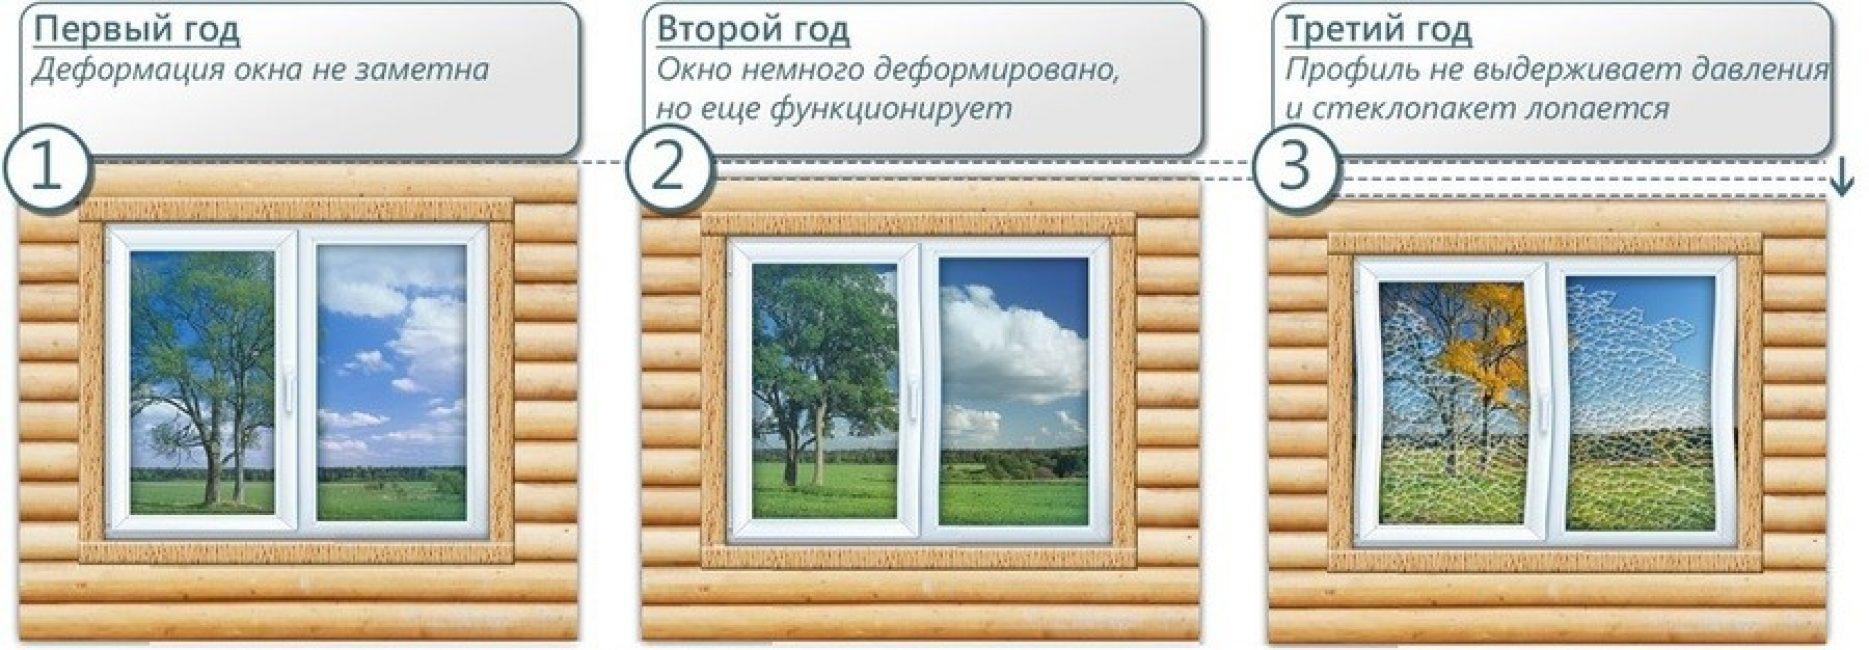 схема усадки окна в деревянном доме